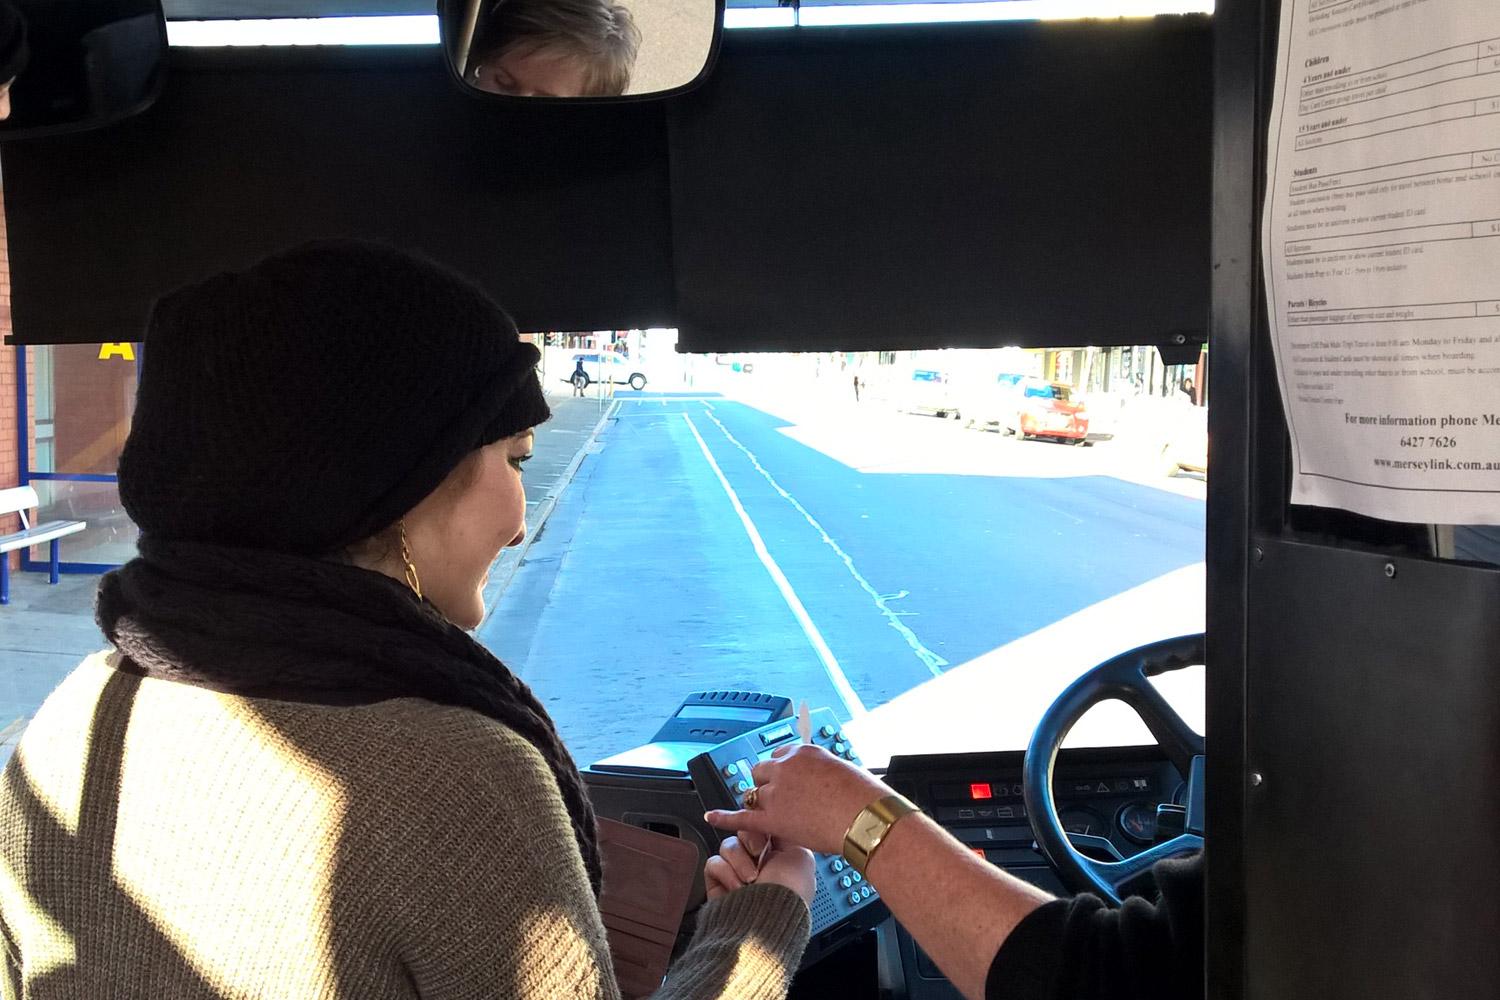 Devonport route services